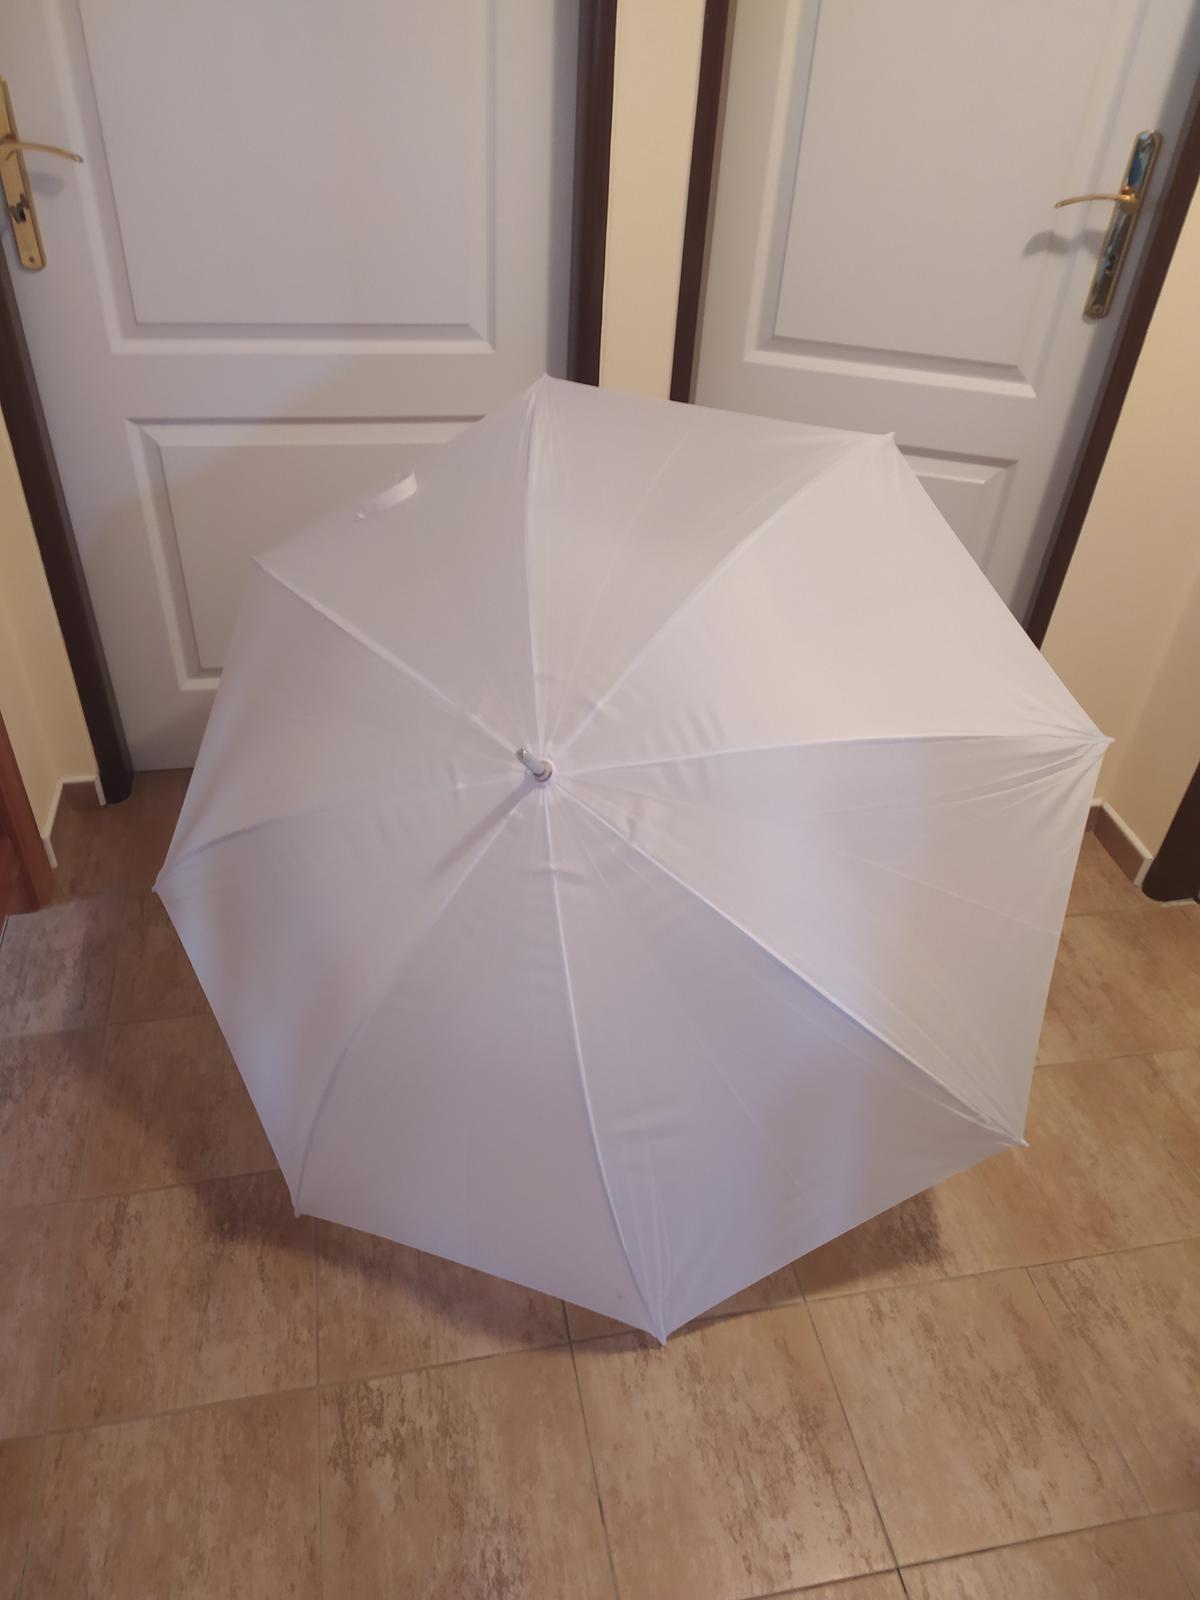 Svatební deštník - Obrázek č. 2